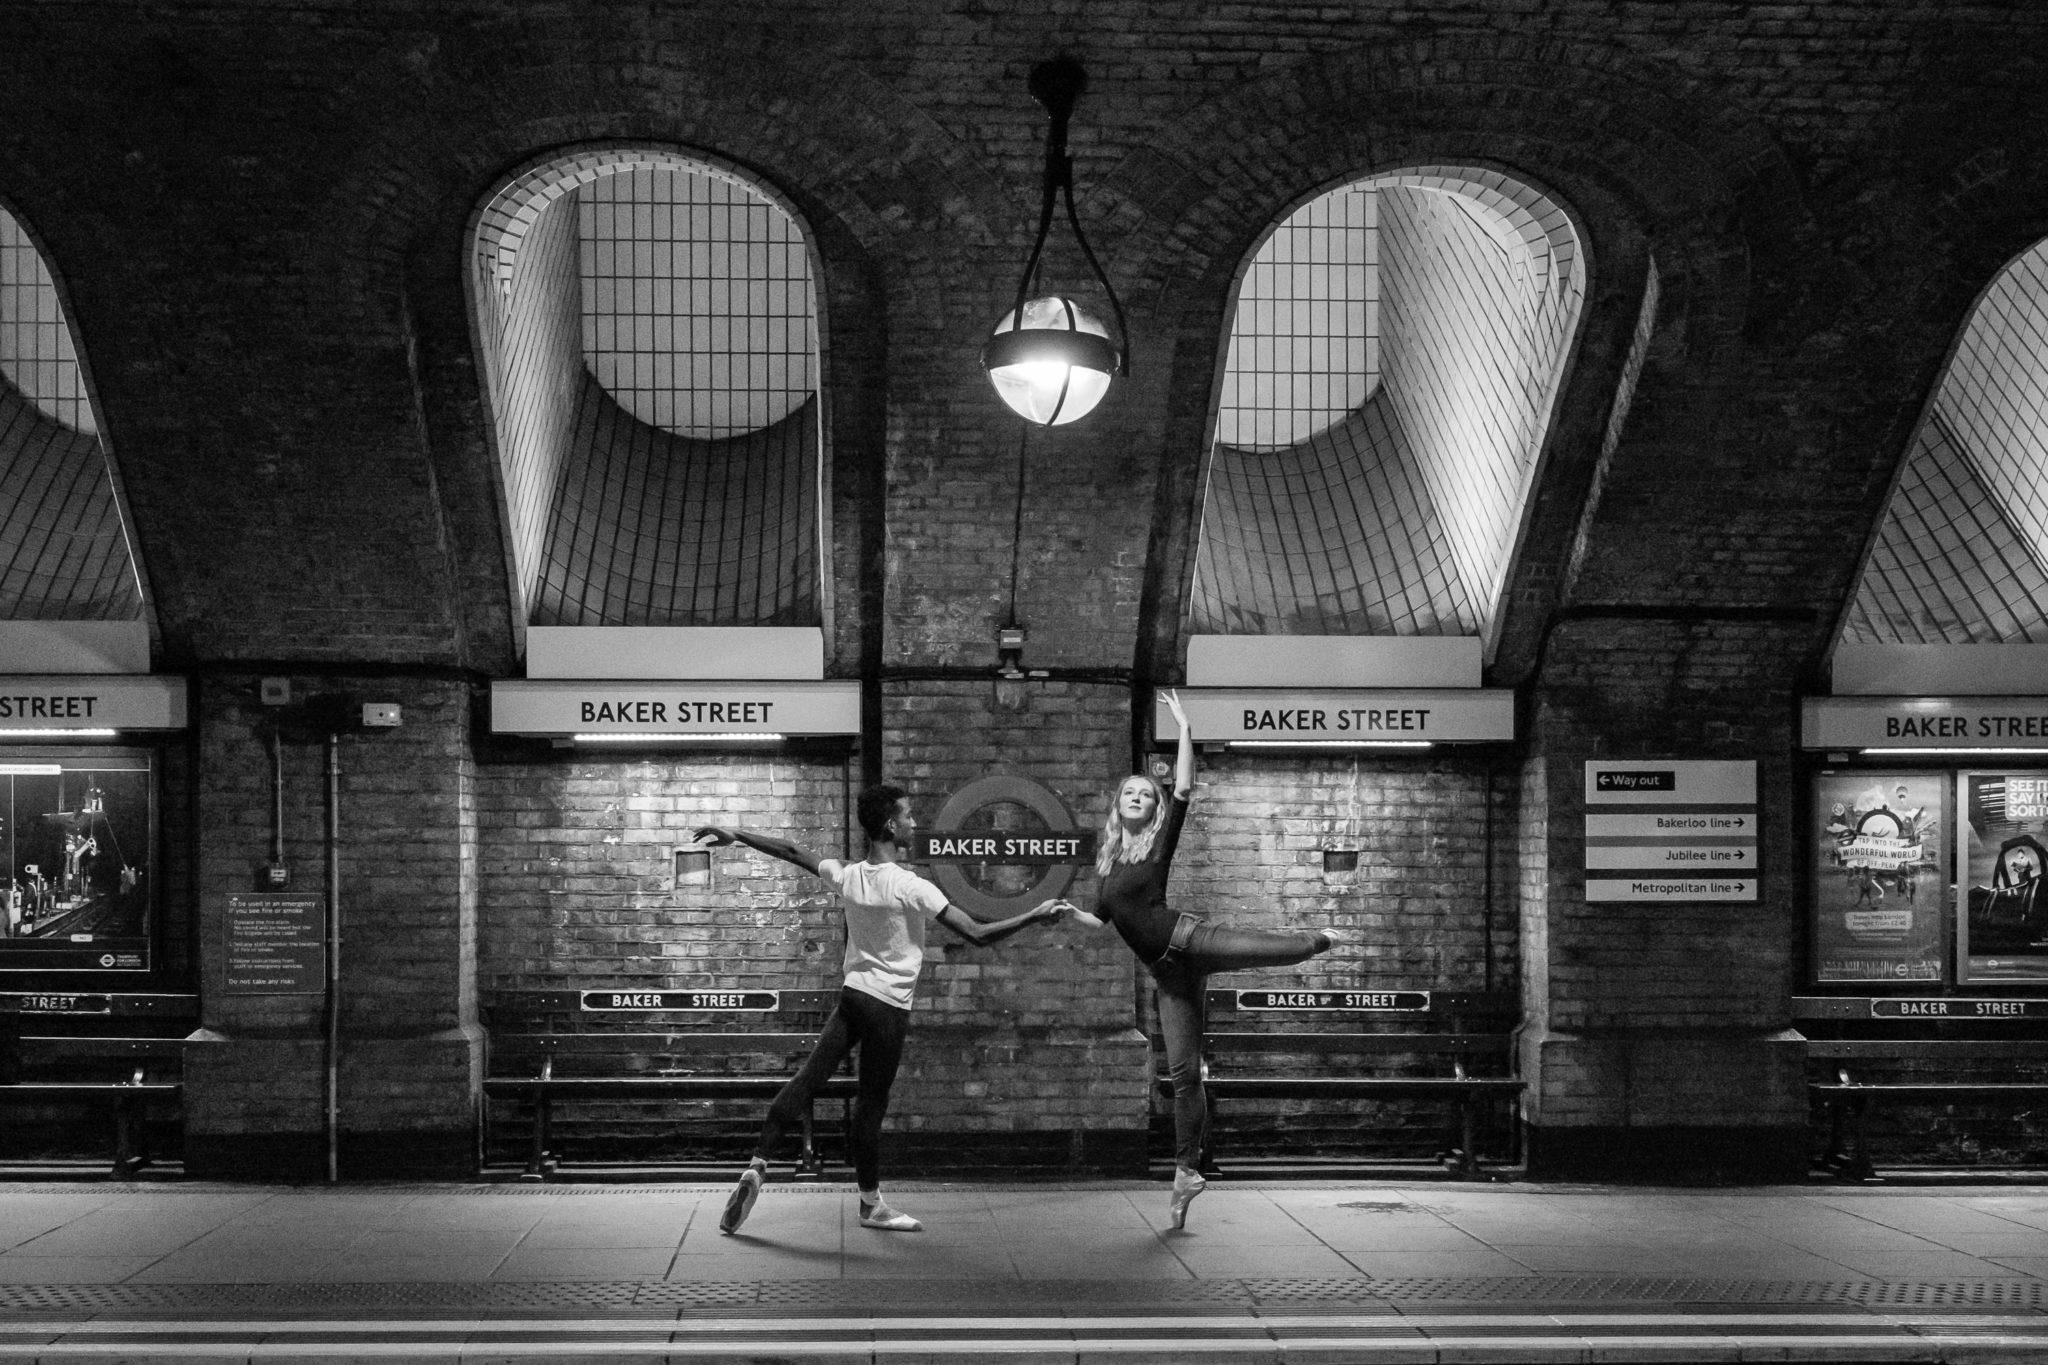 querformat-fotografie - Achim Katzberg - Bake Street